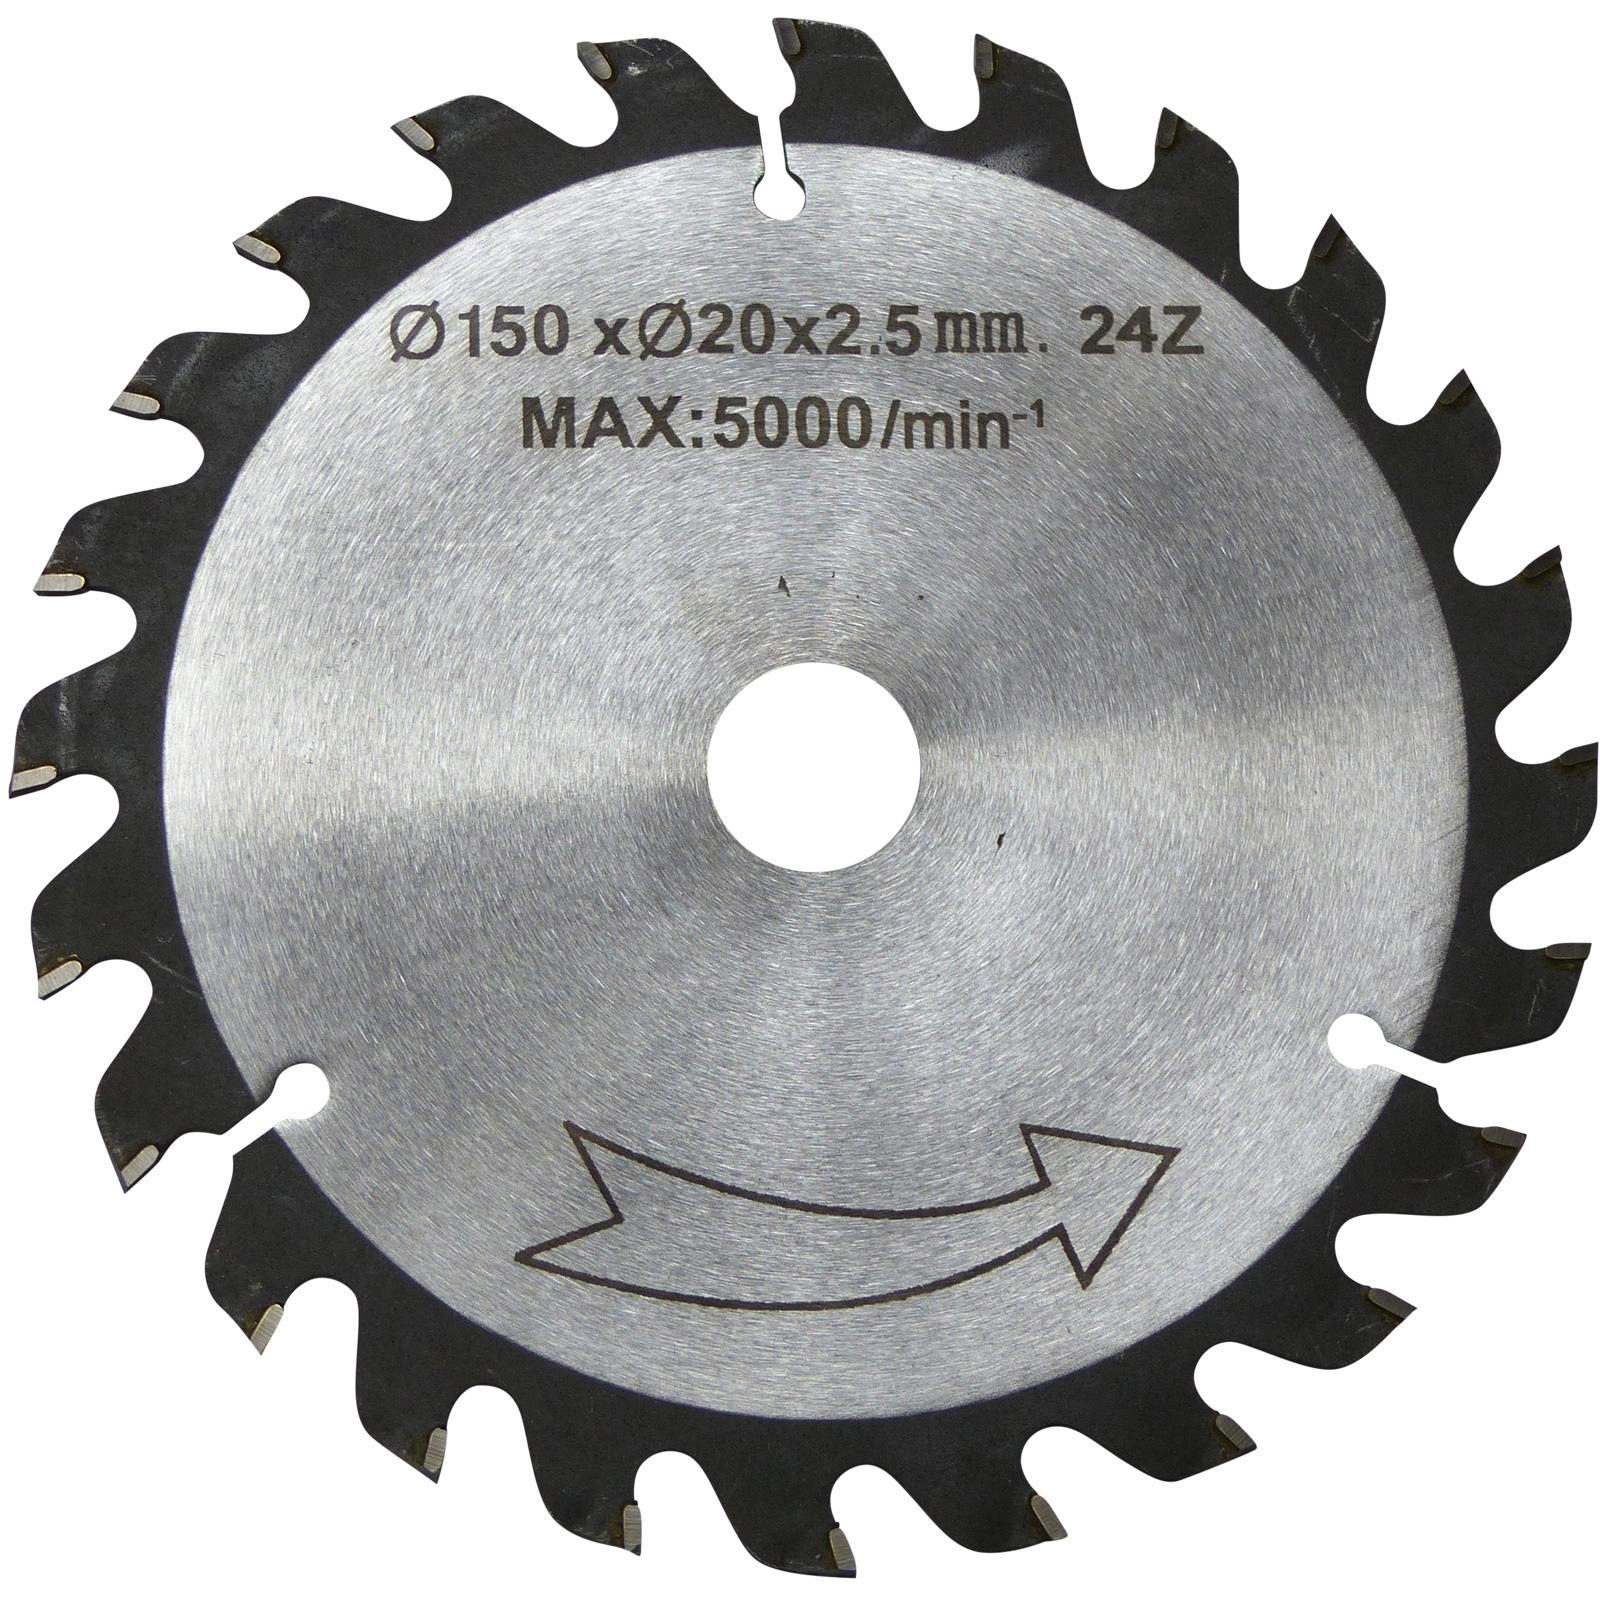 150 mm QUALITÄTS HM-Sägeblatt Holz-Grobschnitt